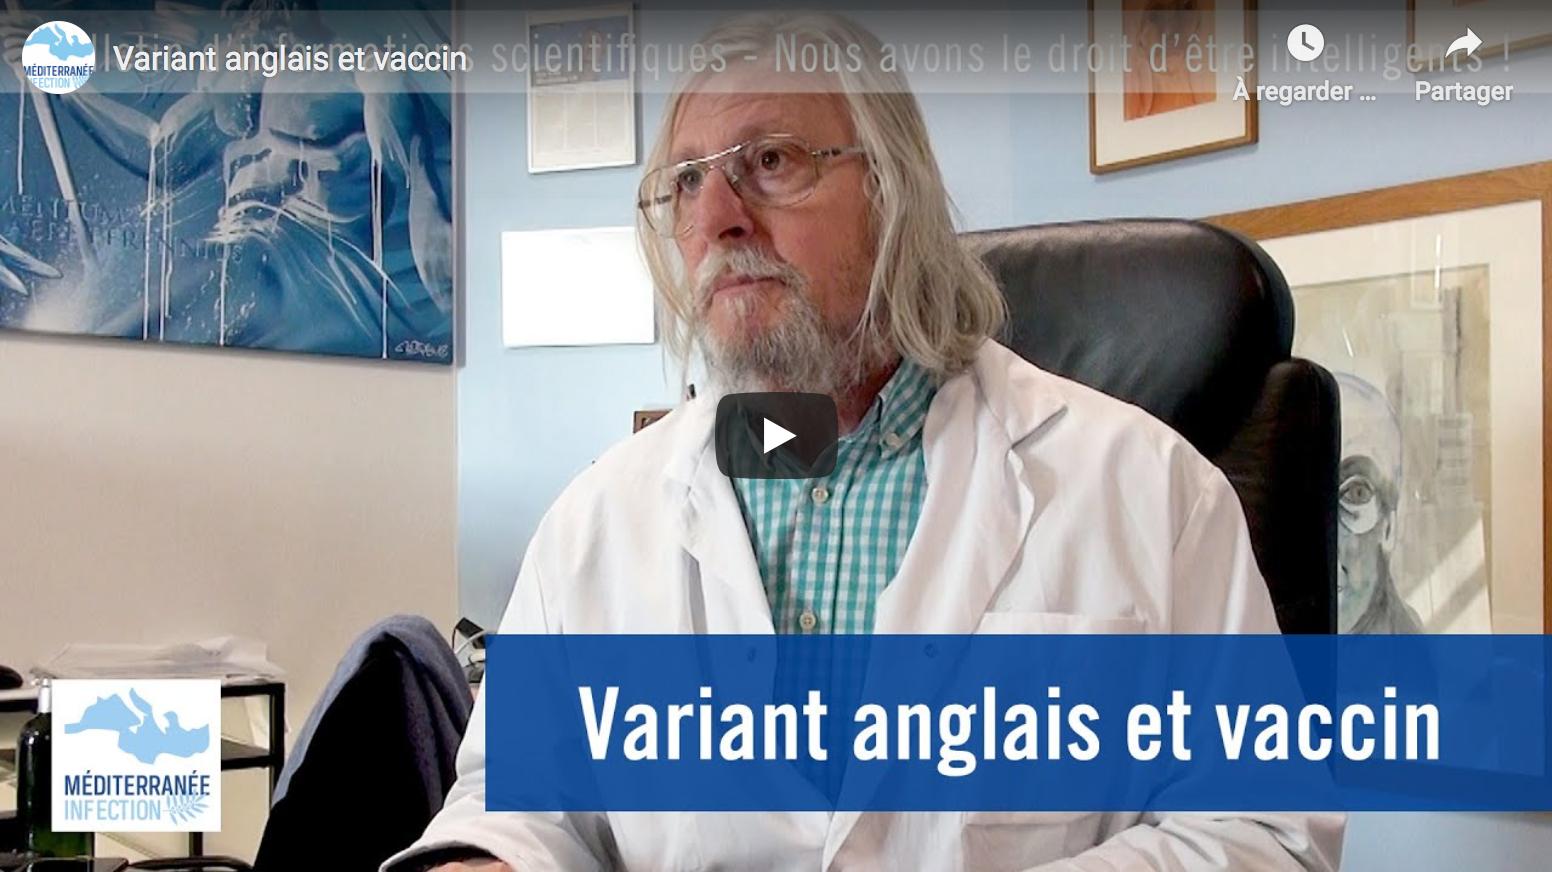 Professeur Didier Raoult : Variant anglais et vaccin